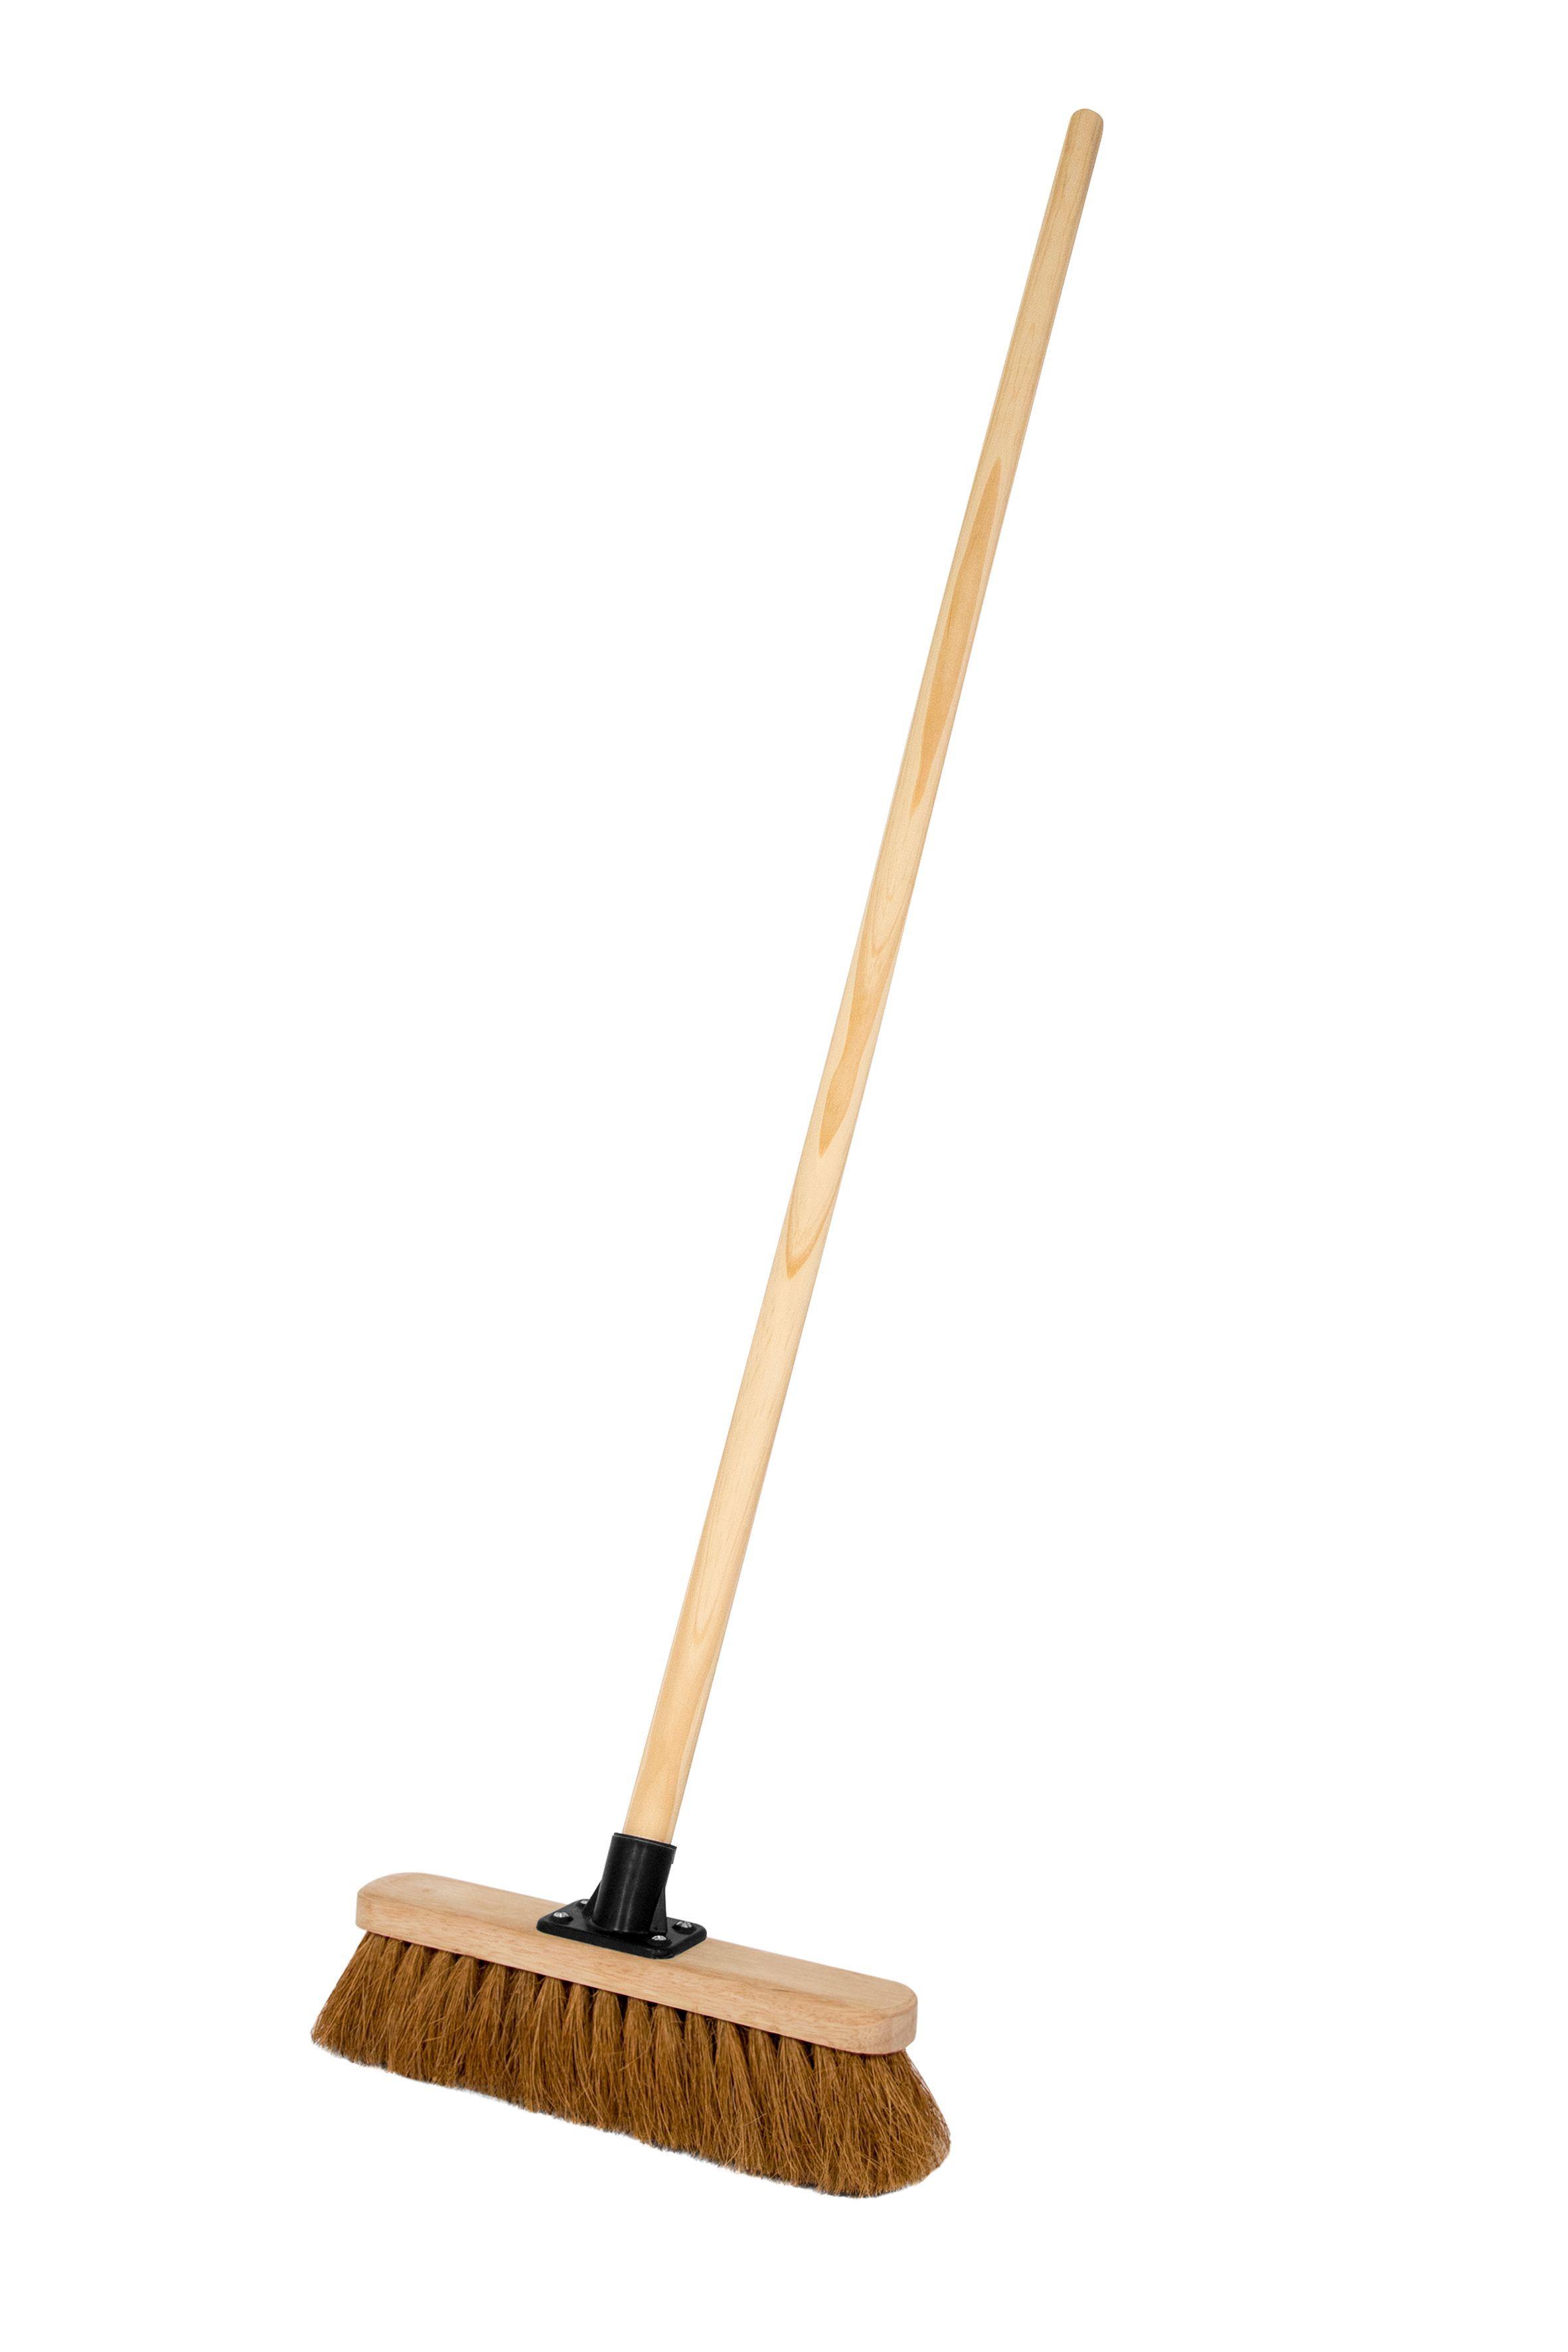 Verve Coco Broom W 300mm Departments Diy At B Amp Q